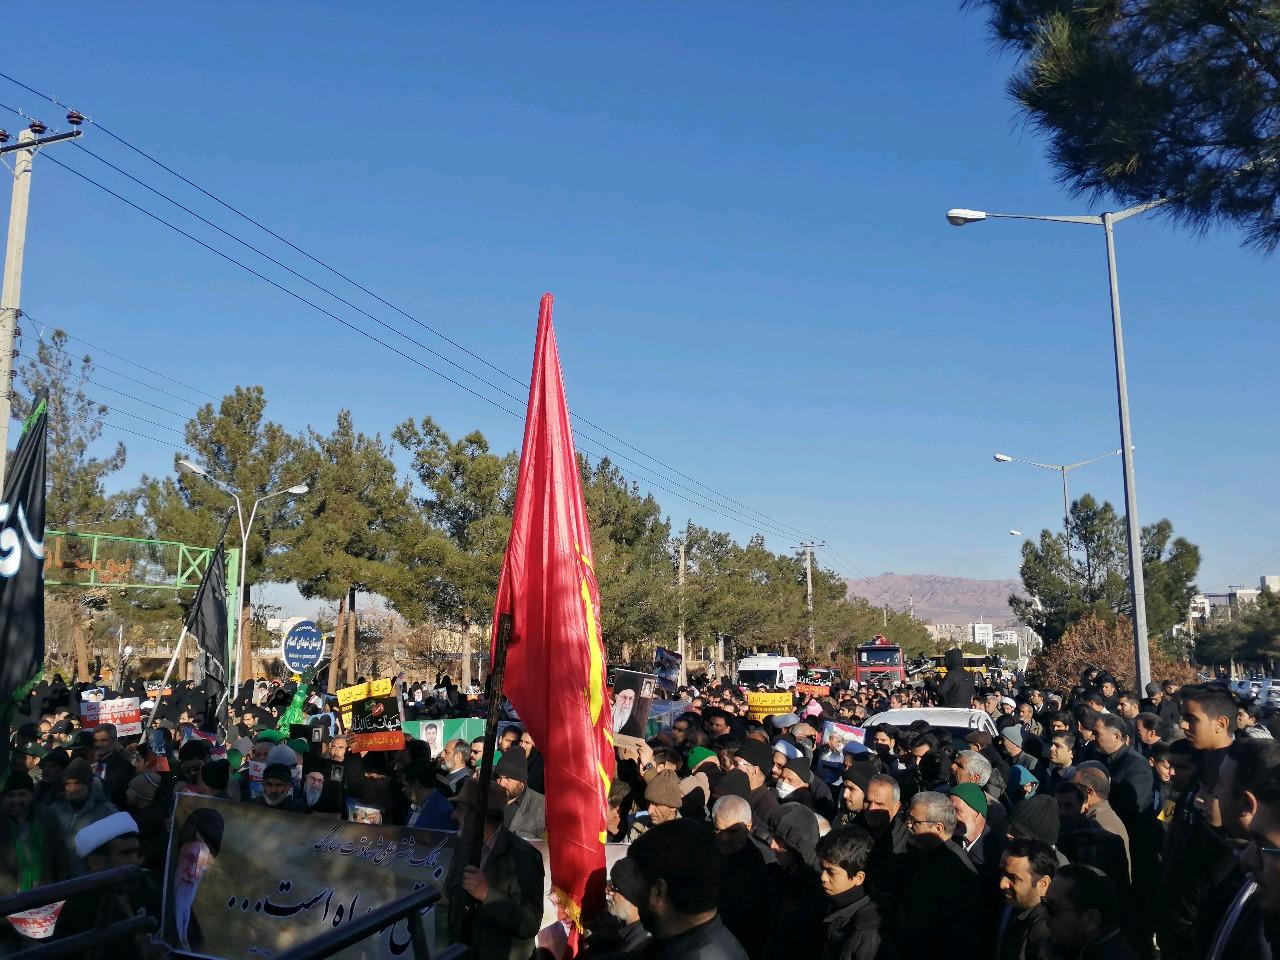 راهپیمایی مردم بیرجند در حمایت از اقدام شجاعانه سپاه پاسداران